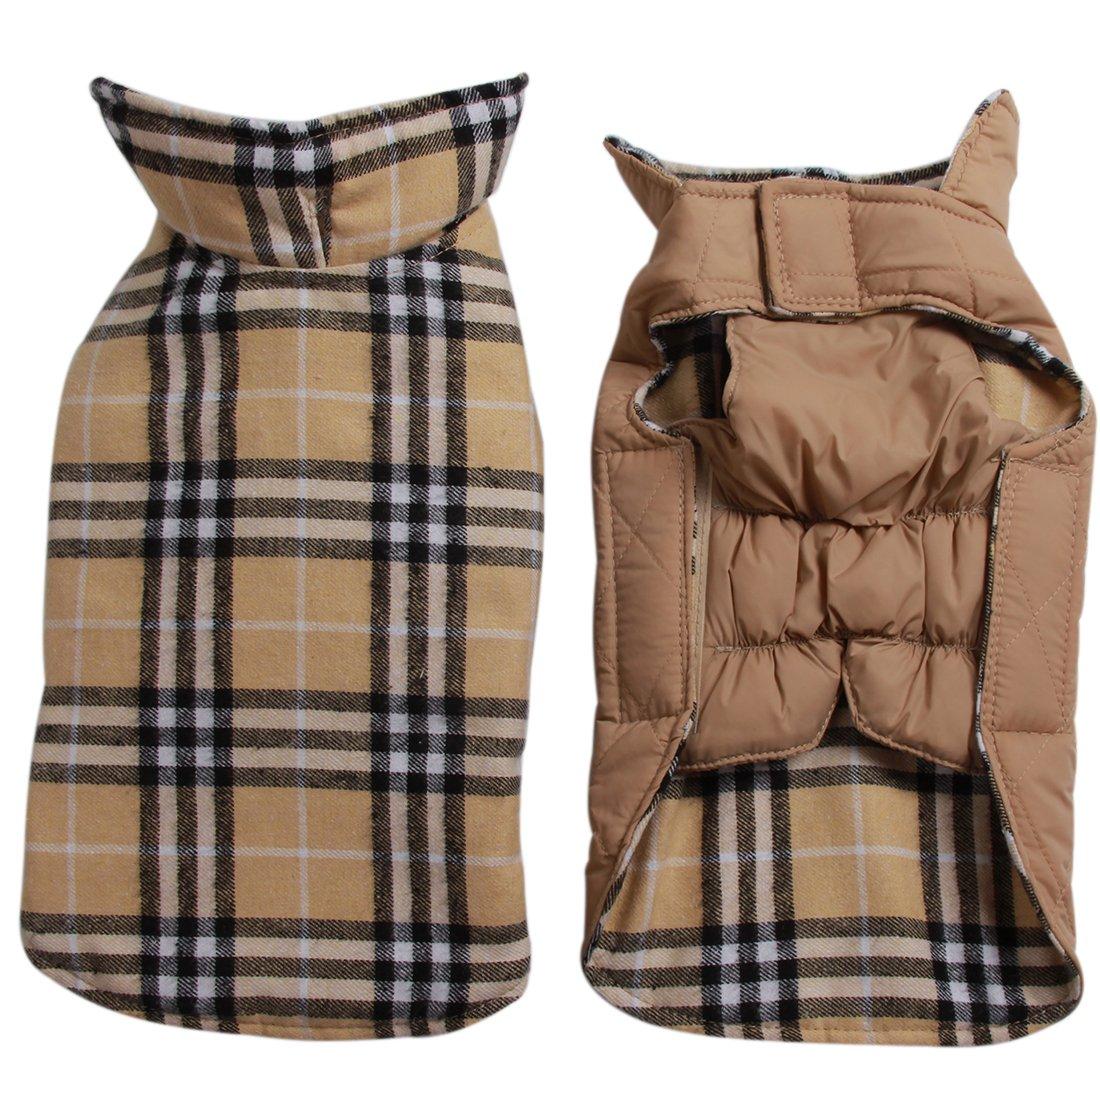 JoyDaog Reversible Plaid Dog Coat(7 Sizes) Waterproof Windproof Warm for Cold Weather Dog Jacket Beige XXL